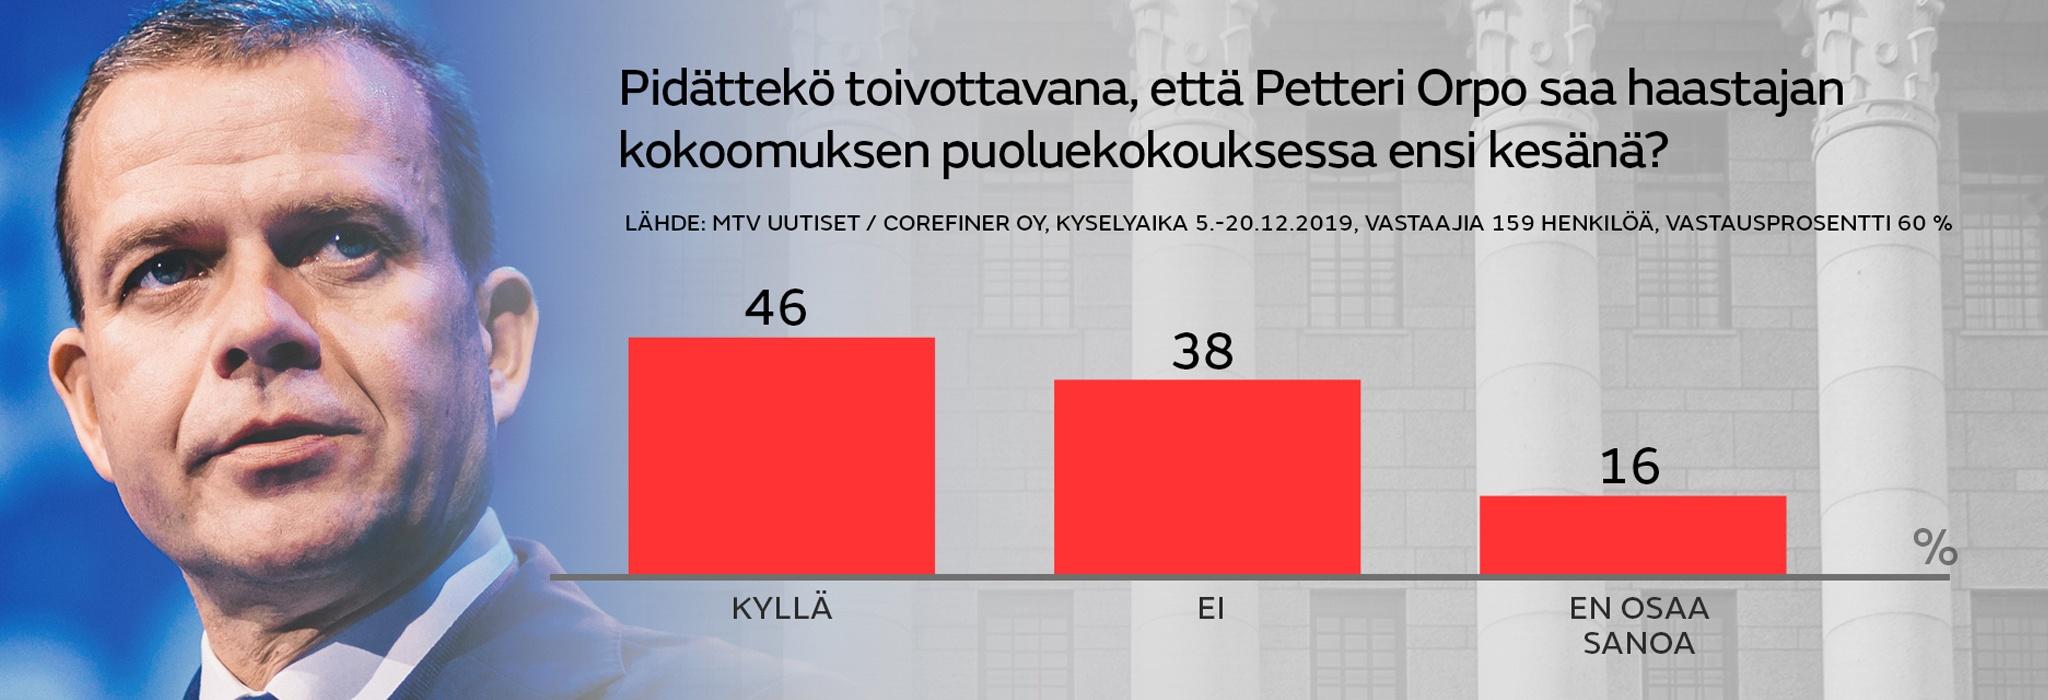 Kokoomus Pidatteko toivottavana etta Petteri Orpo saa hastajan